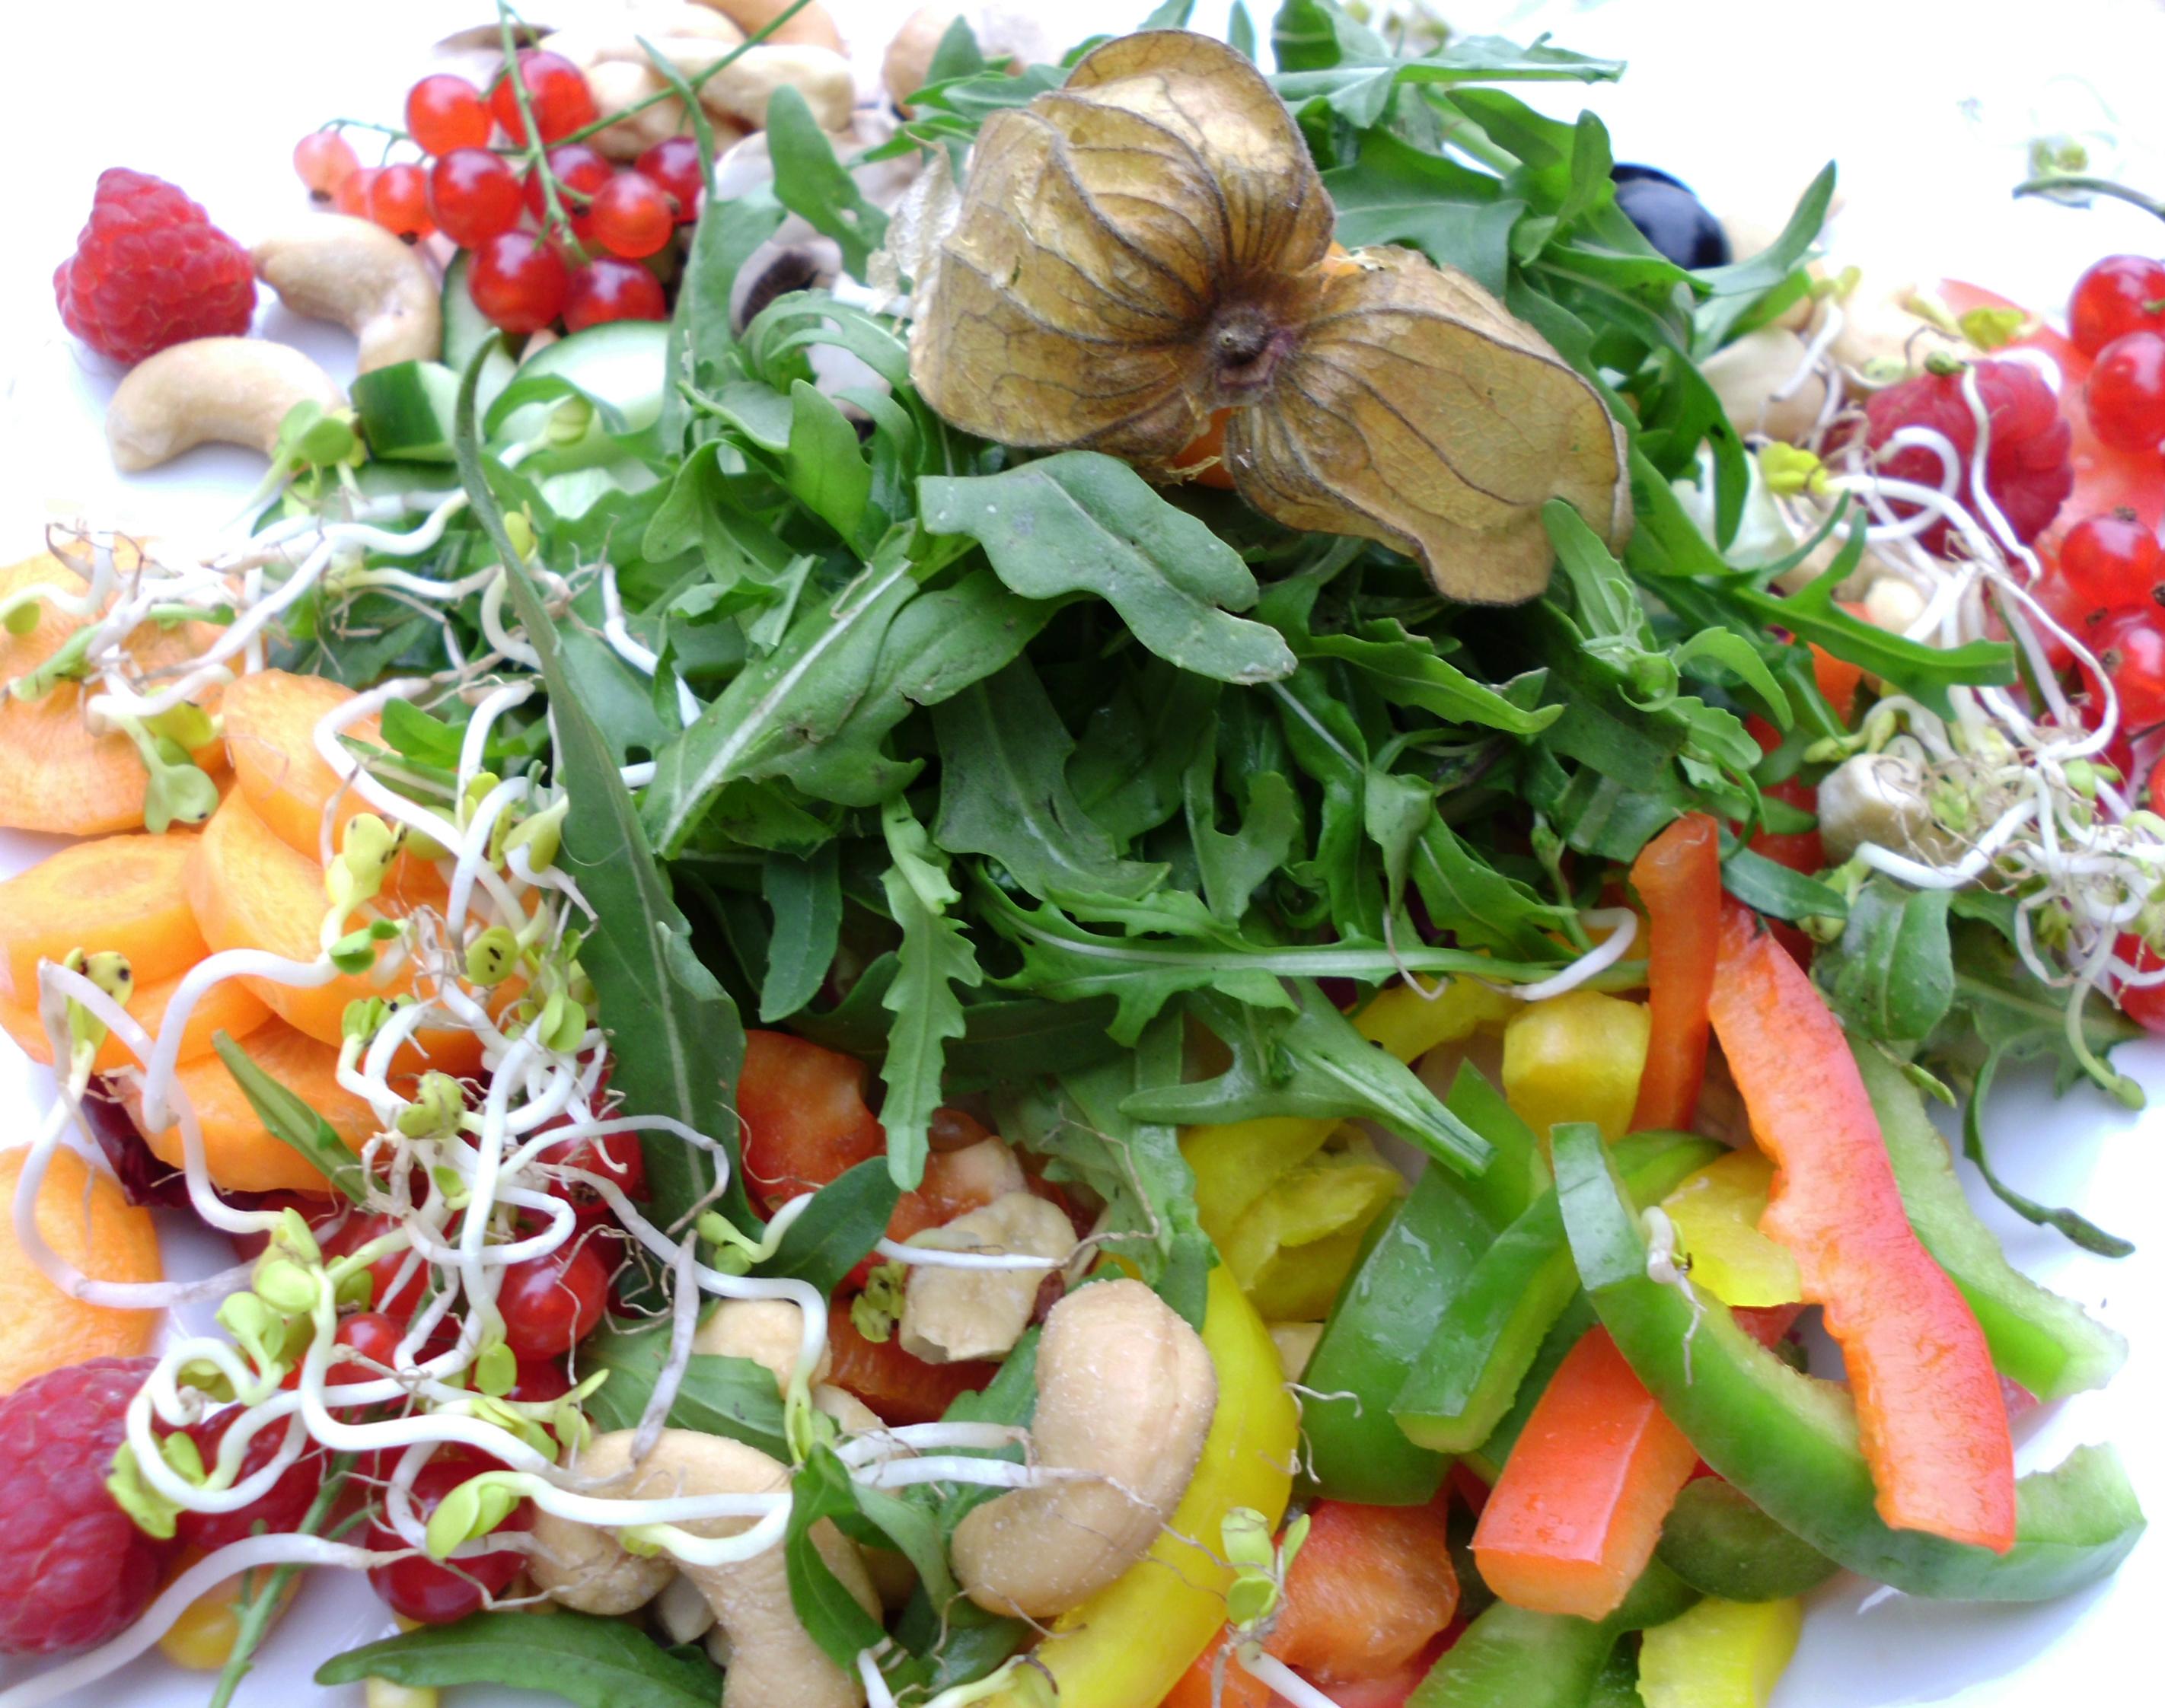 Bio-Lebensmittel, Salat und Früchte